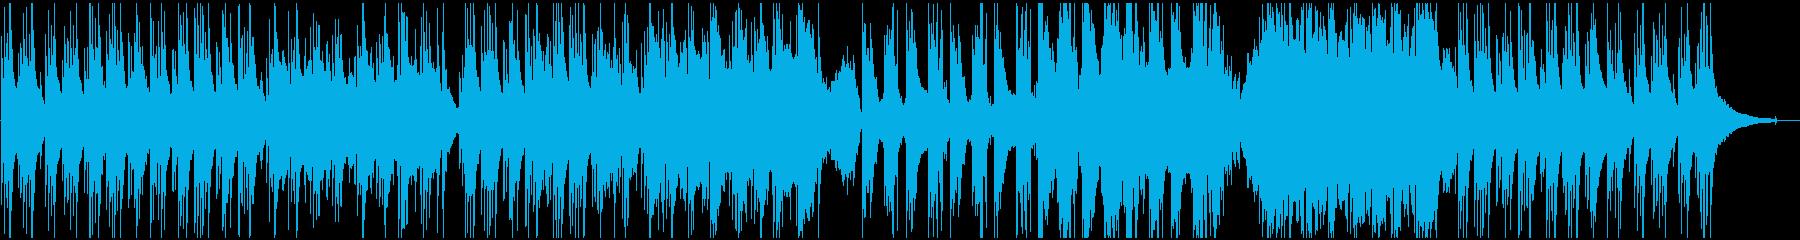 アコギとハープの穏やかなヒーリング曲の再生済みの波形